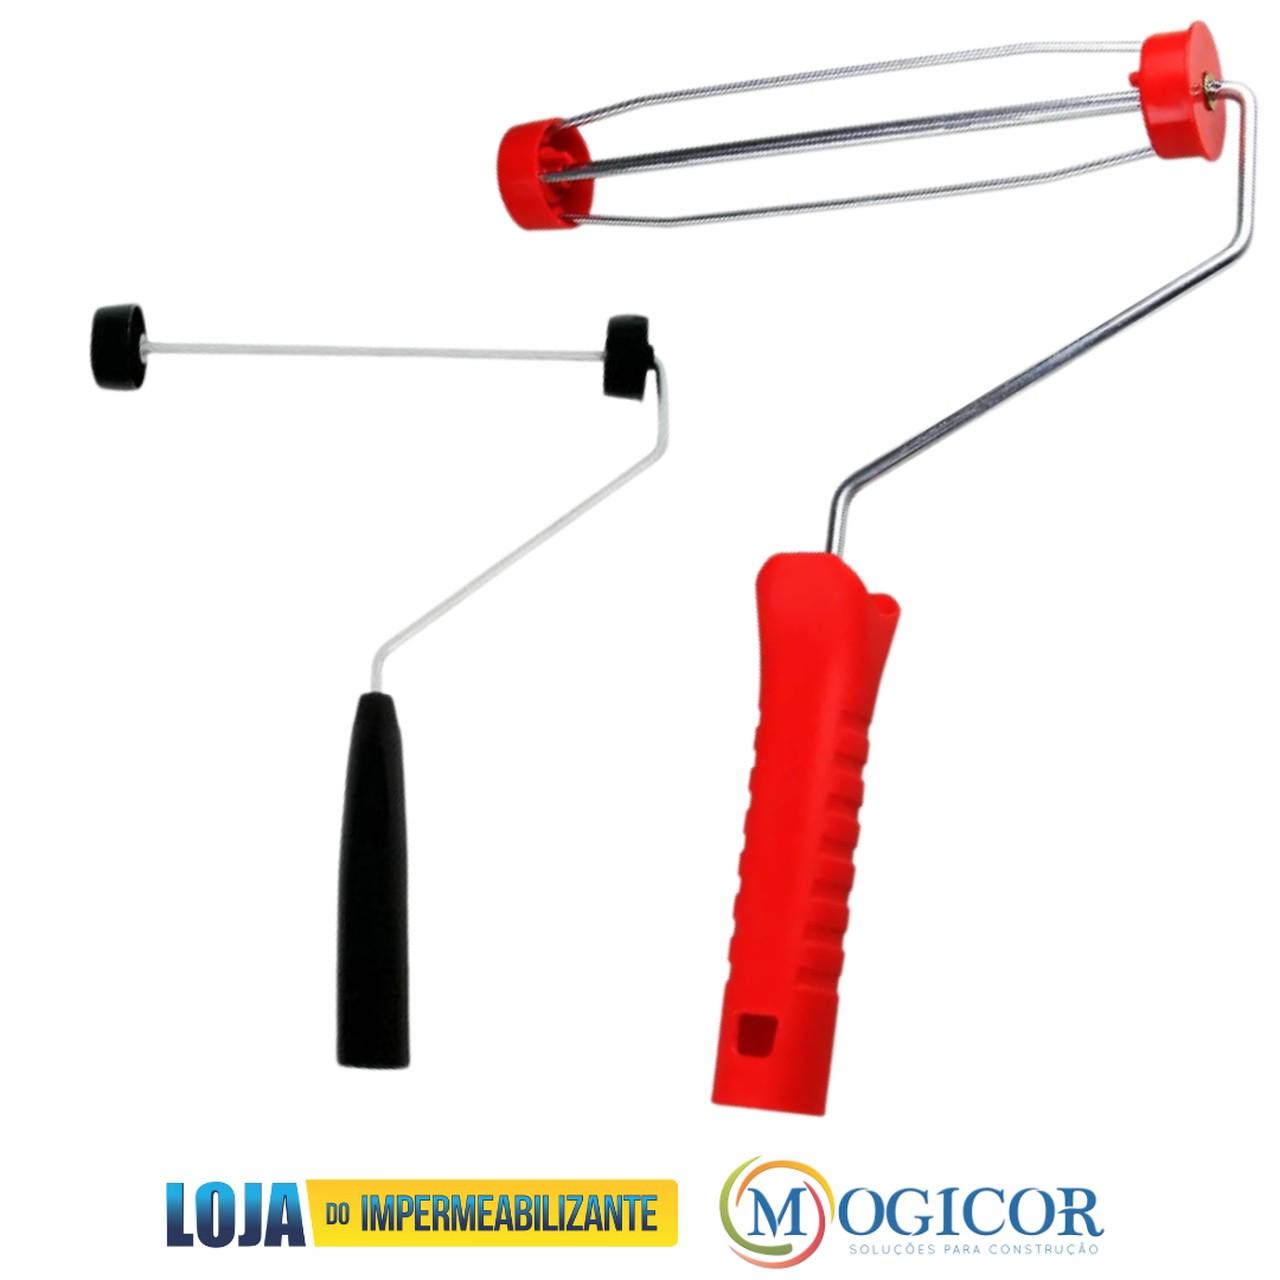 Suporte Garfo Pressão Gaiola e Simples p/ Rolos 23cm - Compel